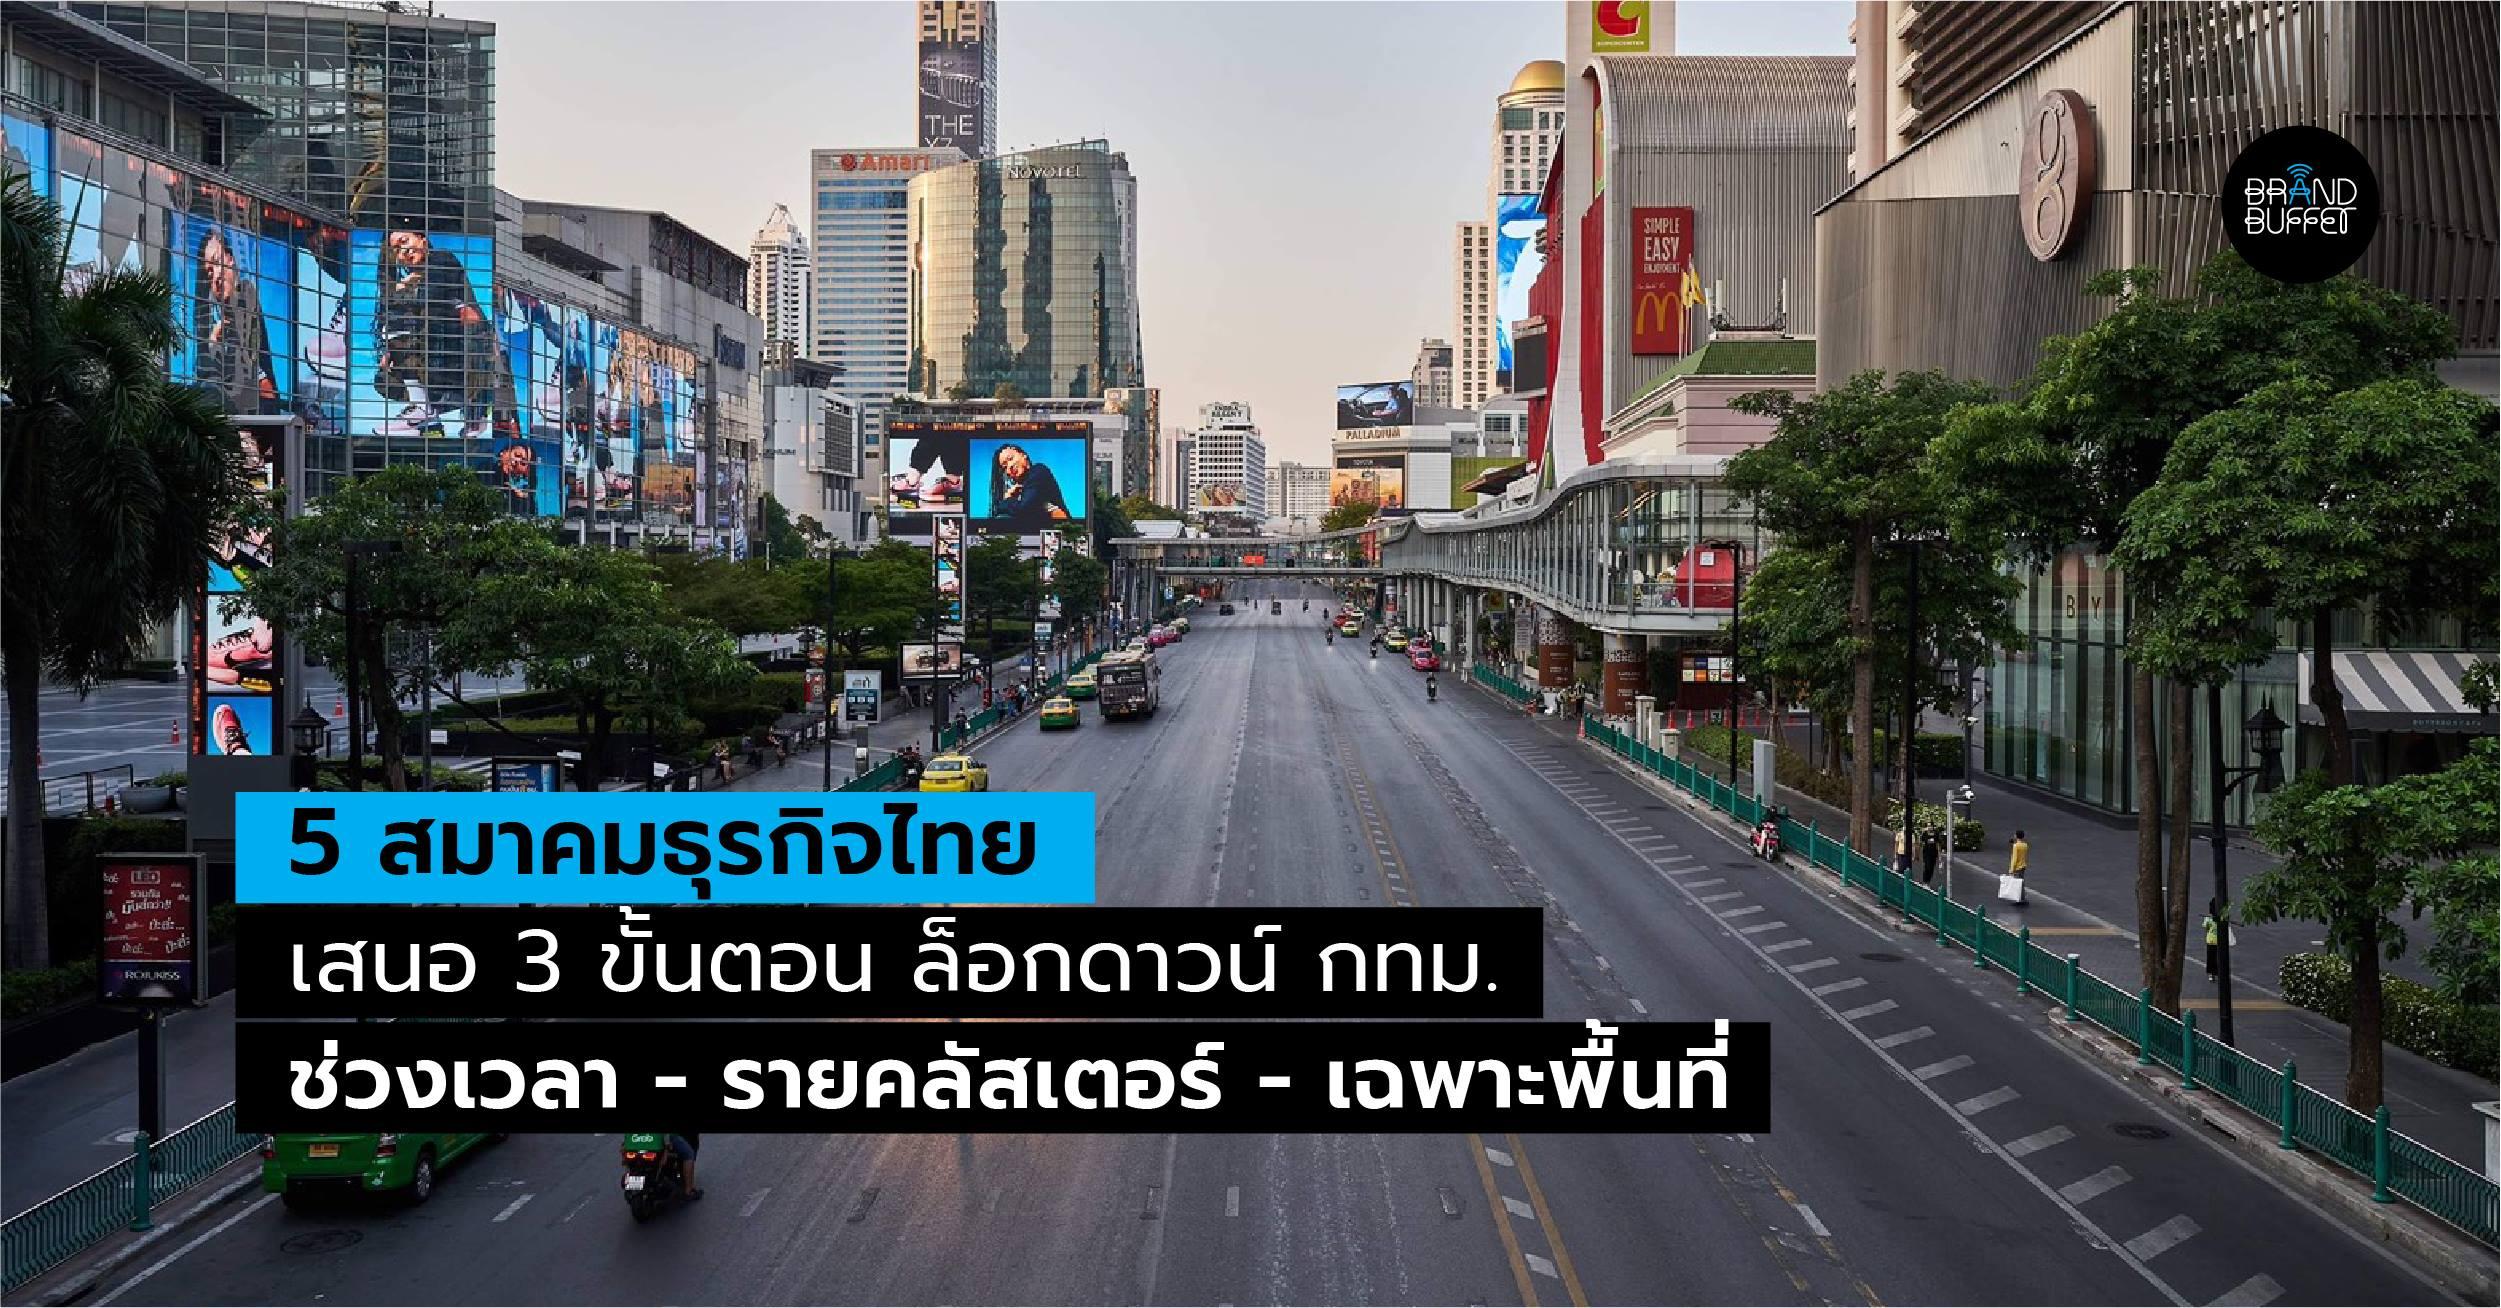 bangkok lockdown cover